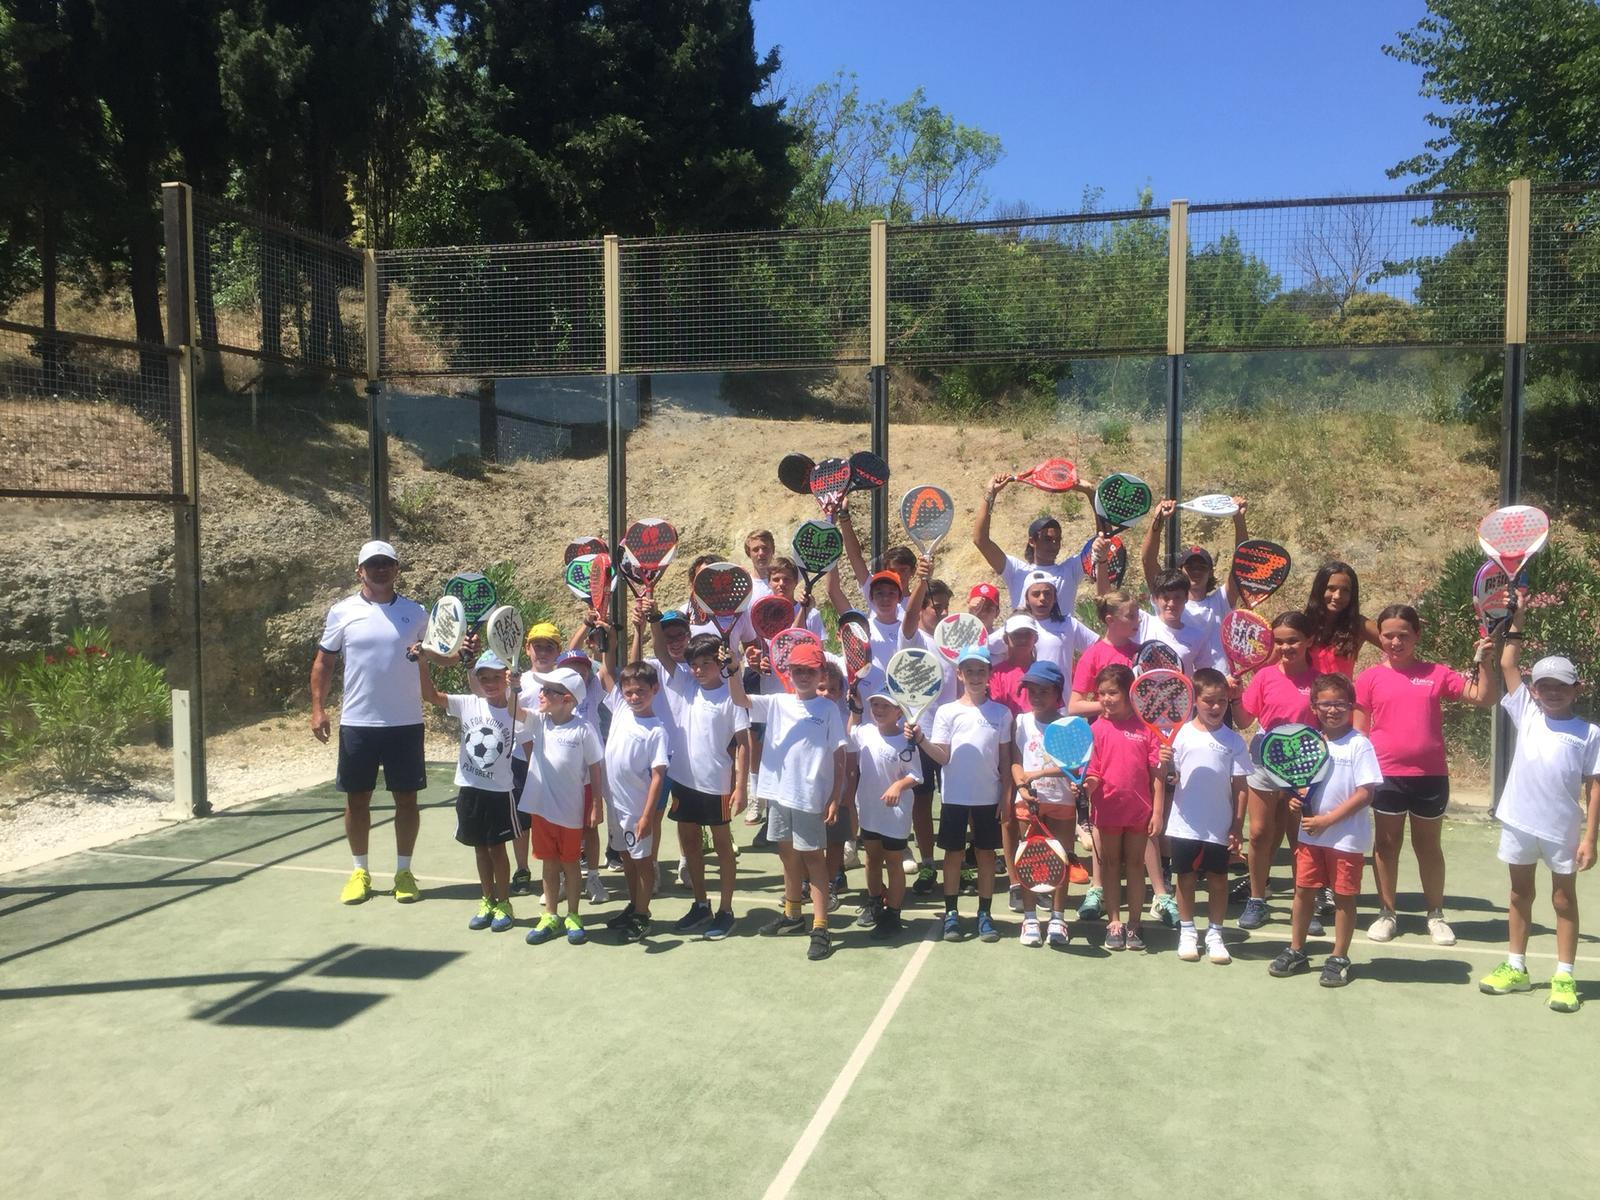 ecole de tennis du park - les accates - olivier launo 5